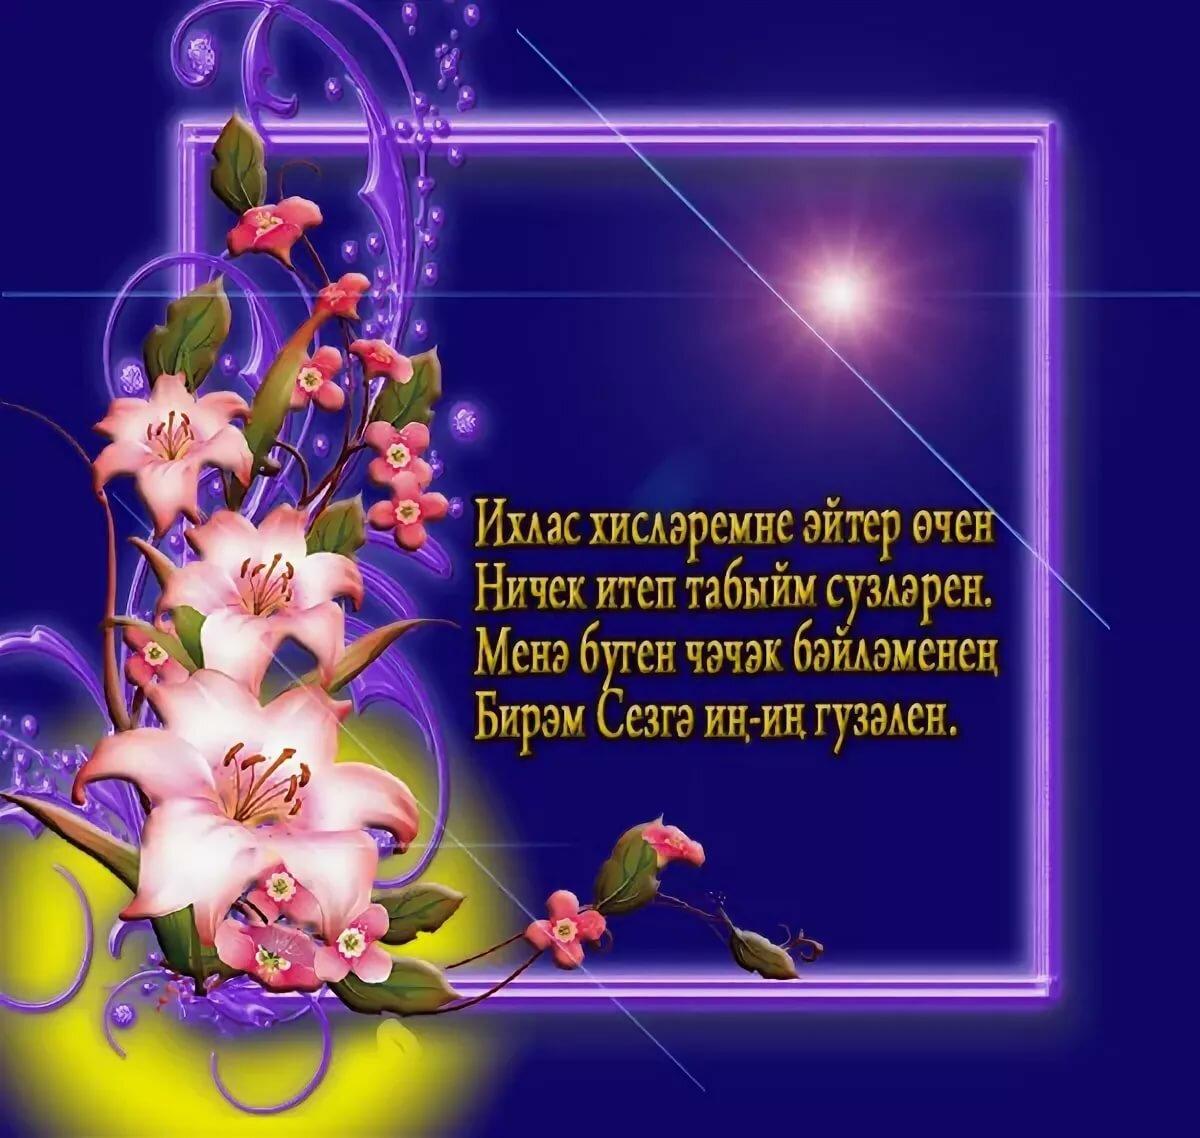 Картинки на татарском языке с хорошими пожеланиями